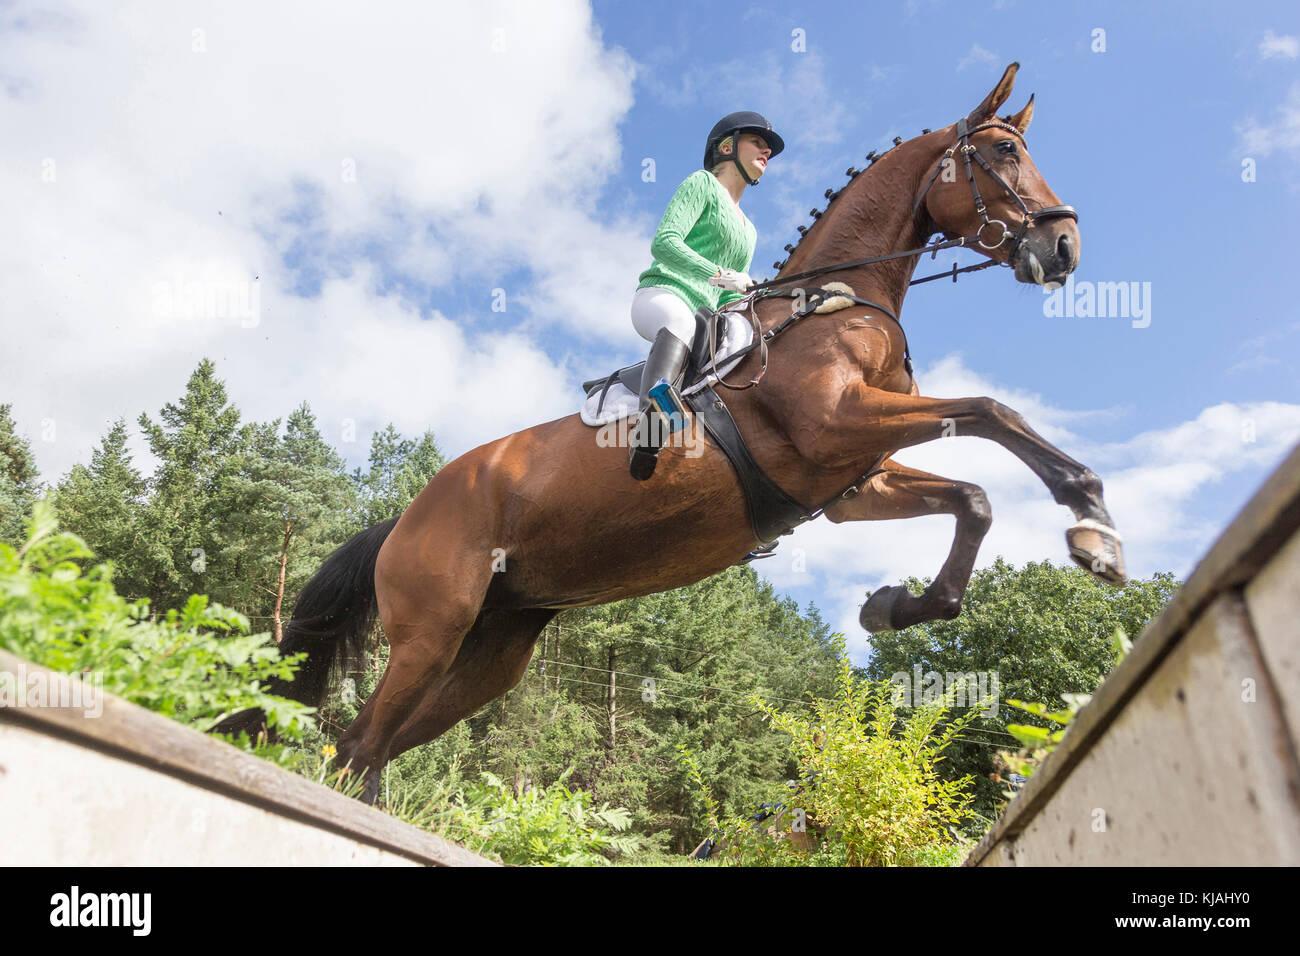 Hanoverian cavallo. Rider superare un ostacolo durante un cross-country ride, visto dal di sotto. Germania Immagini Stock